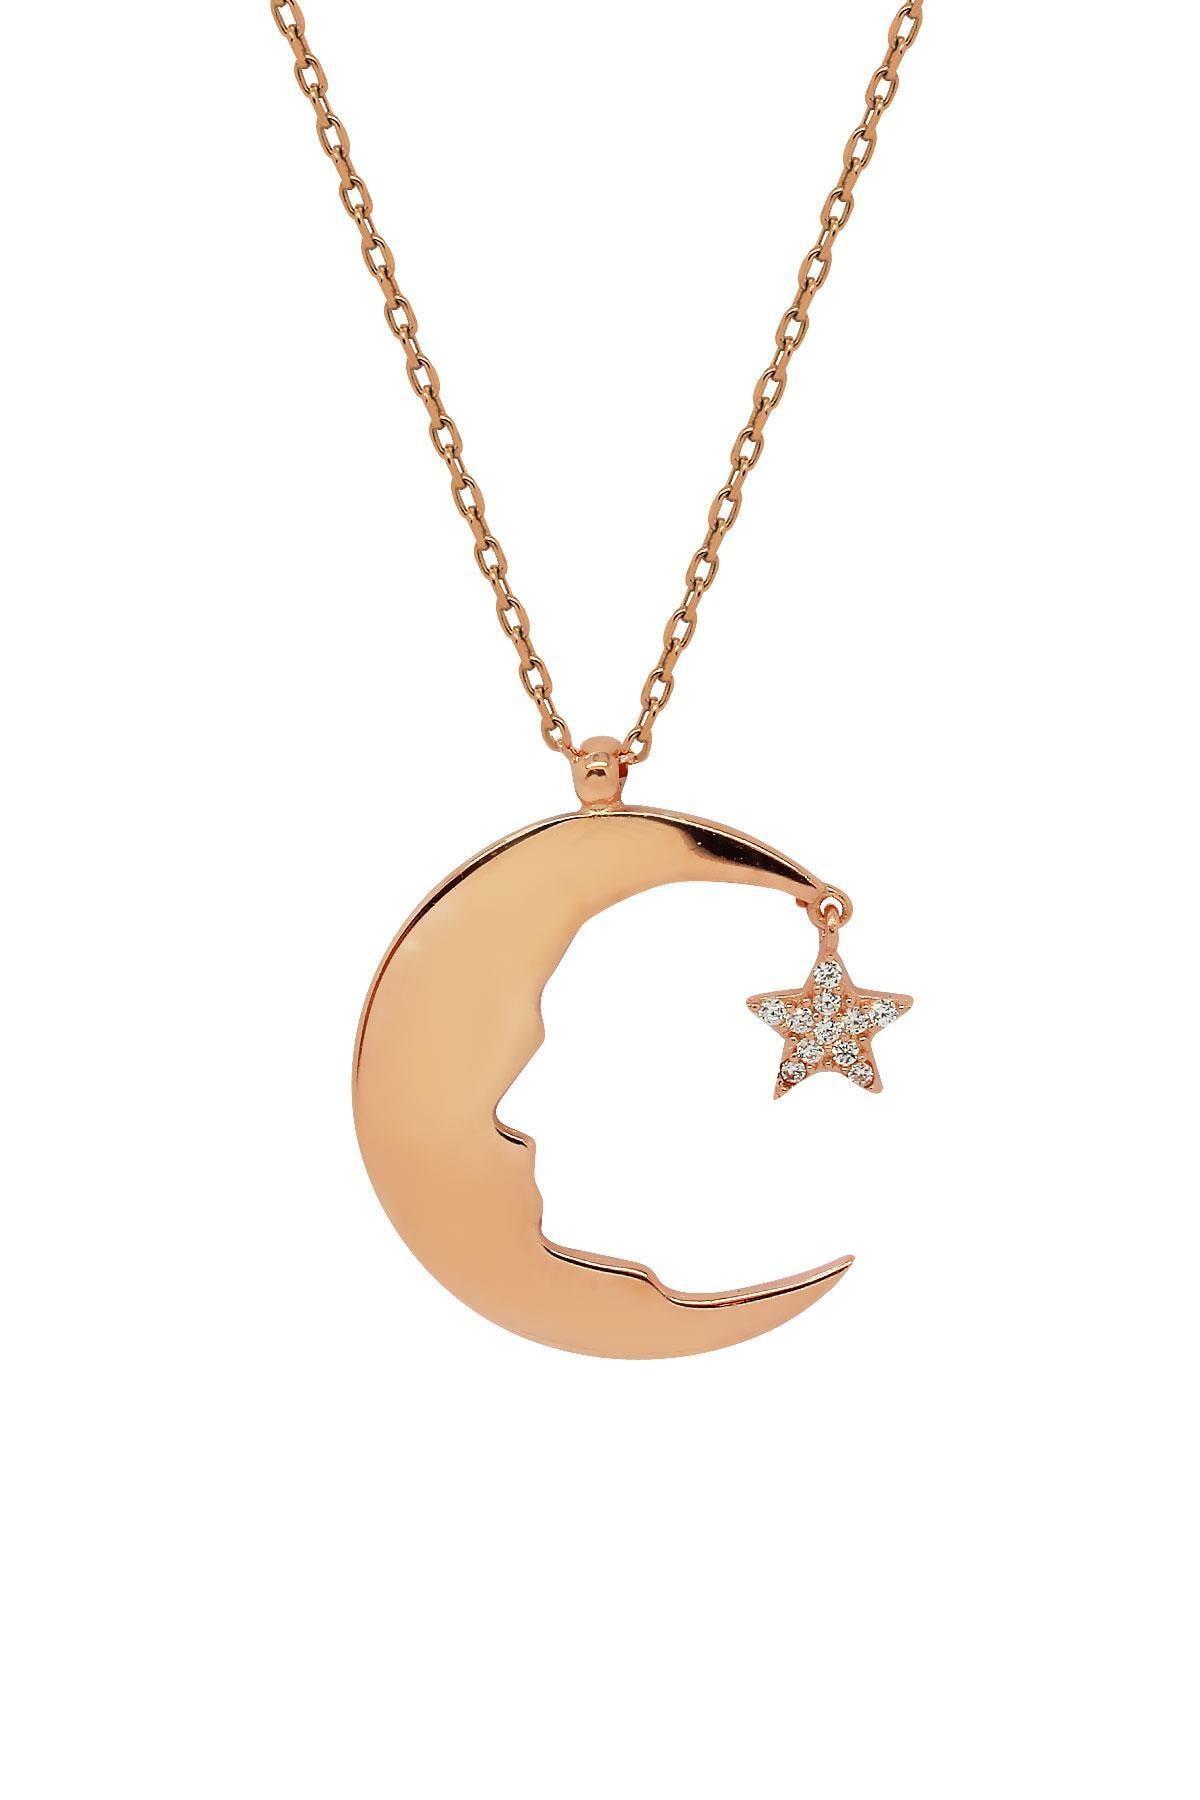 Hyde Park Hydepark Gümüş Taşlı Ay Yıldız Kolye 43k2kly0270002339 1